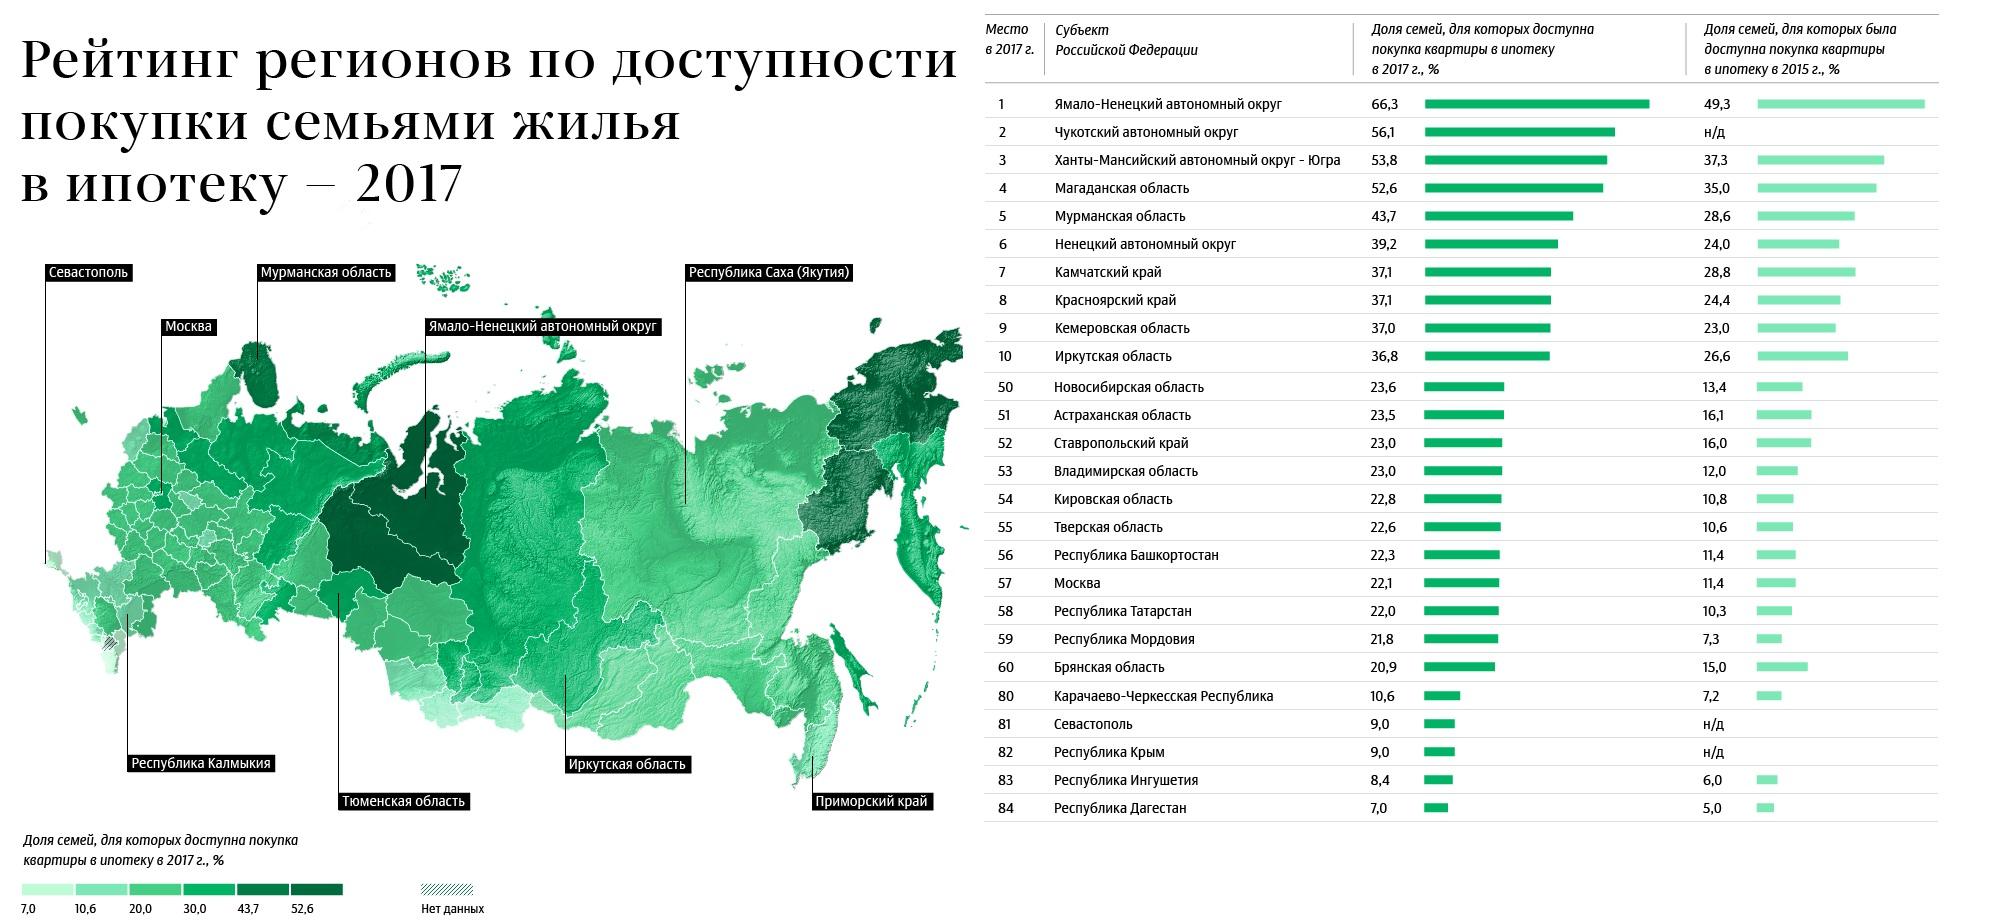 займы и кредиты субъектов российской федерации